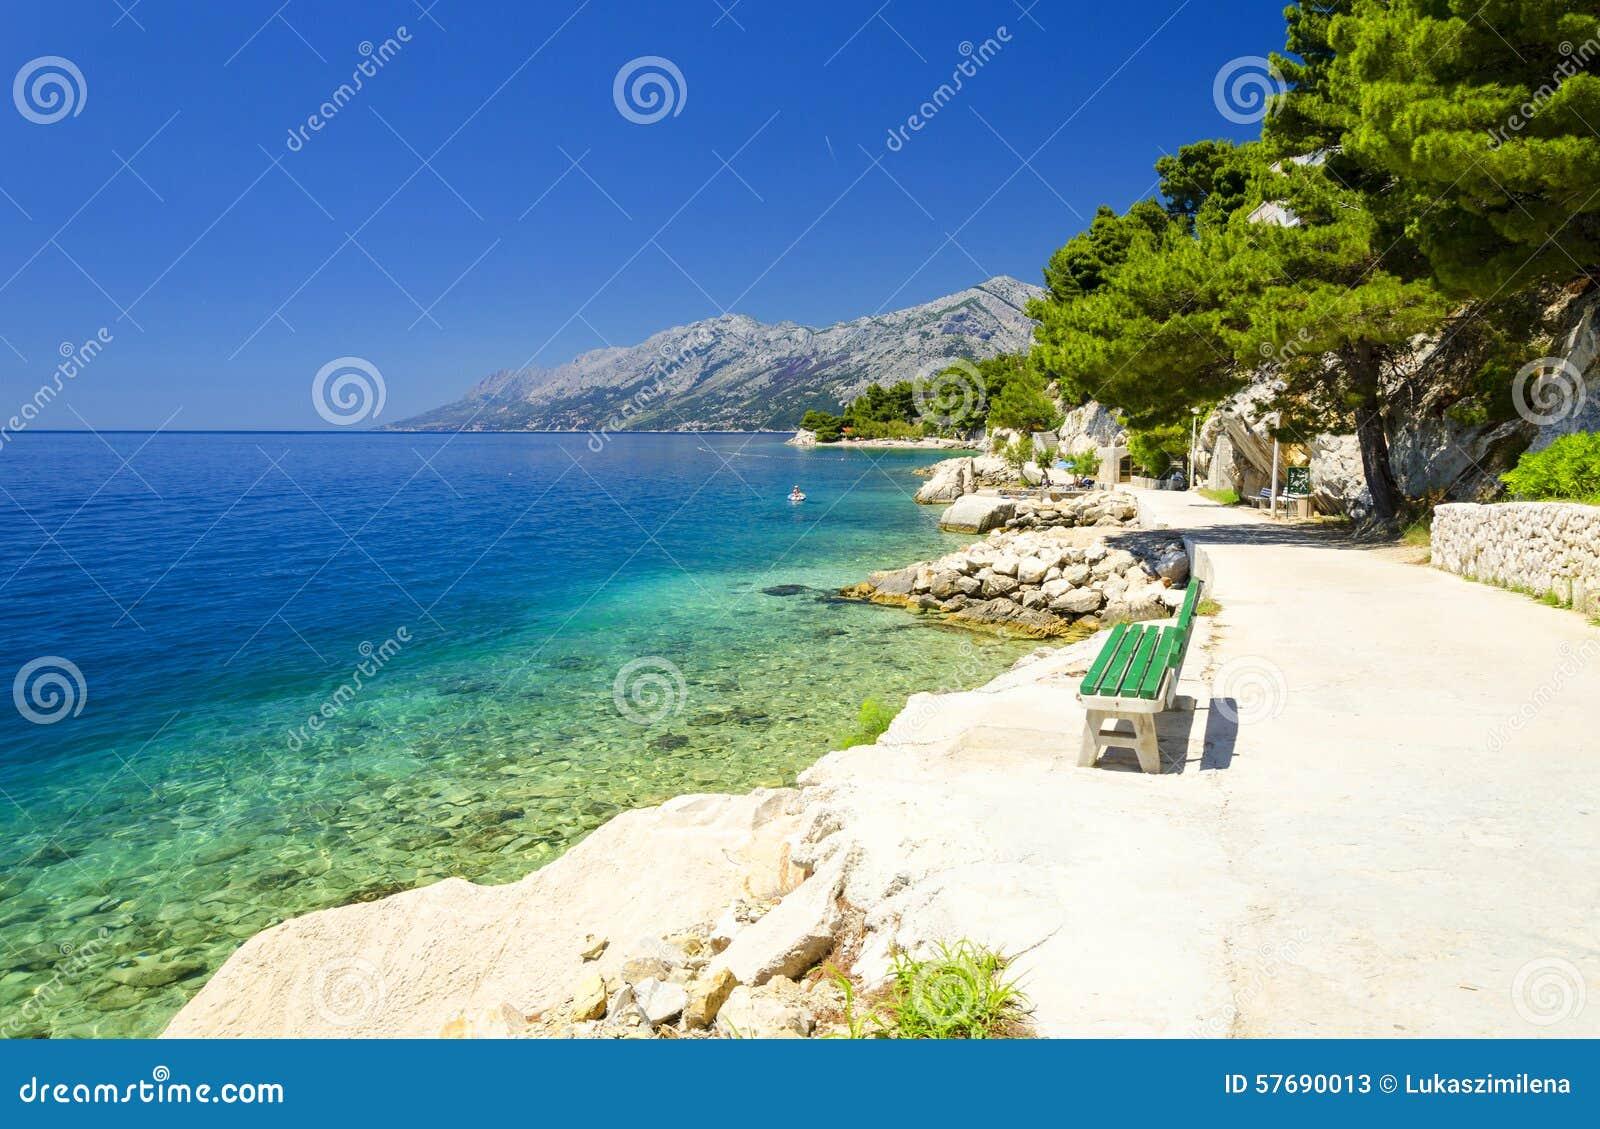 美丽的蓝色盐水湖在Brela,马卡尔斯卡里维埃拉,达尔马提亚,克罗地亚